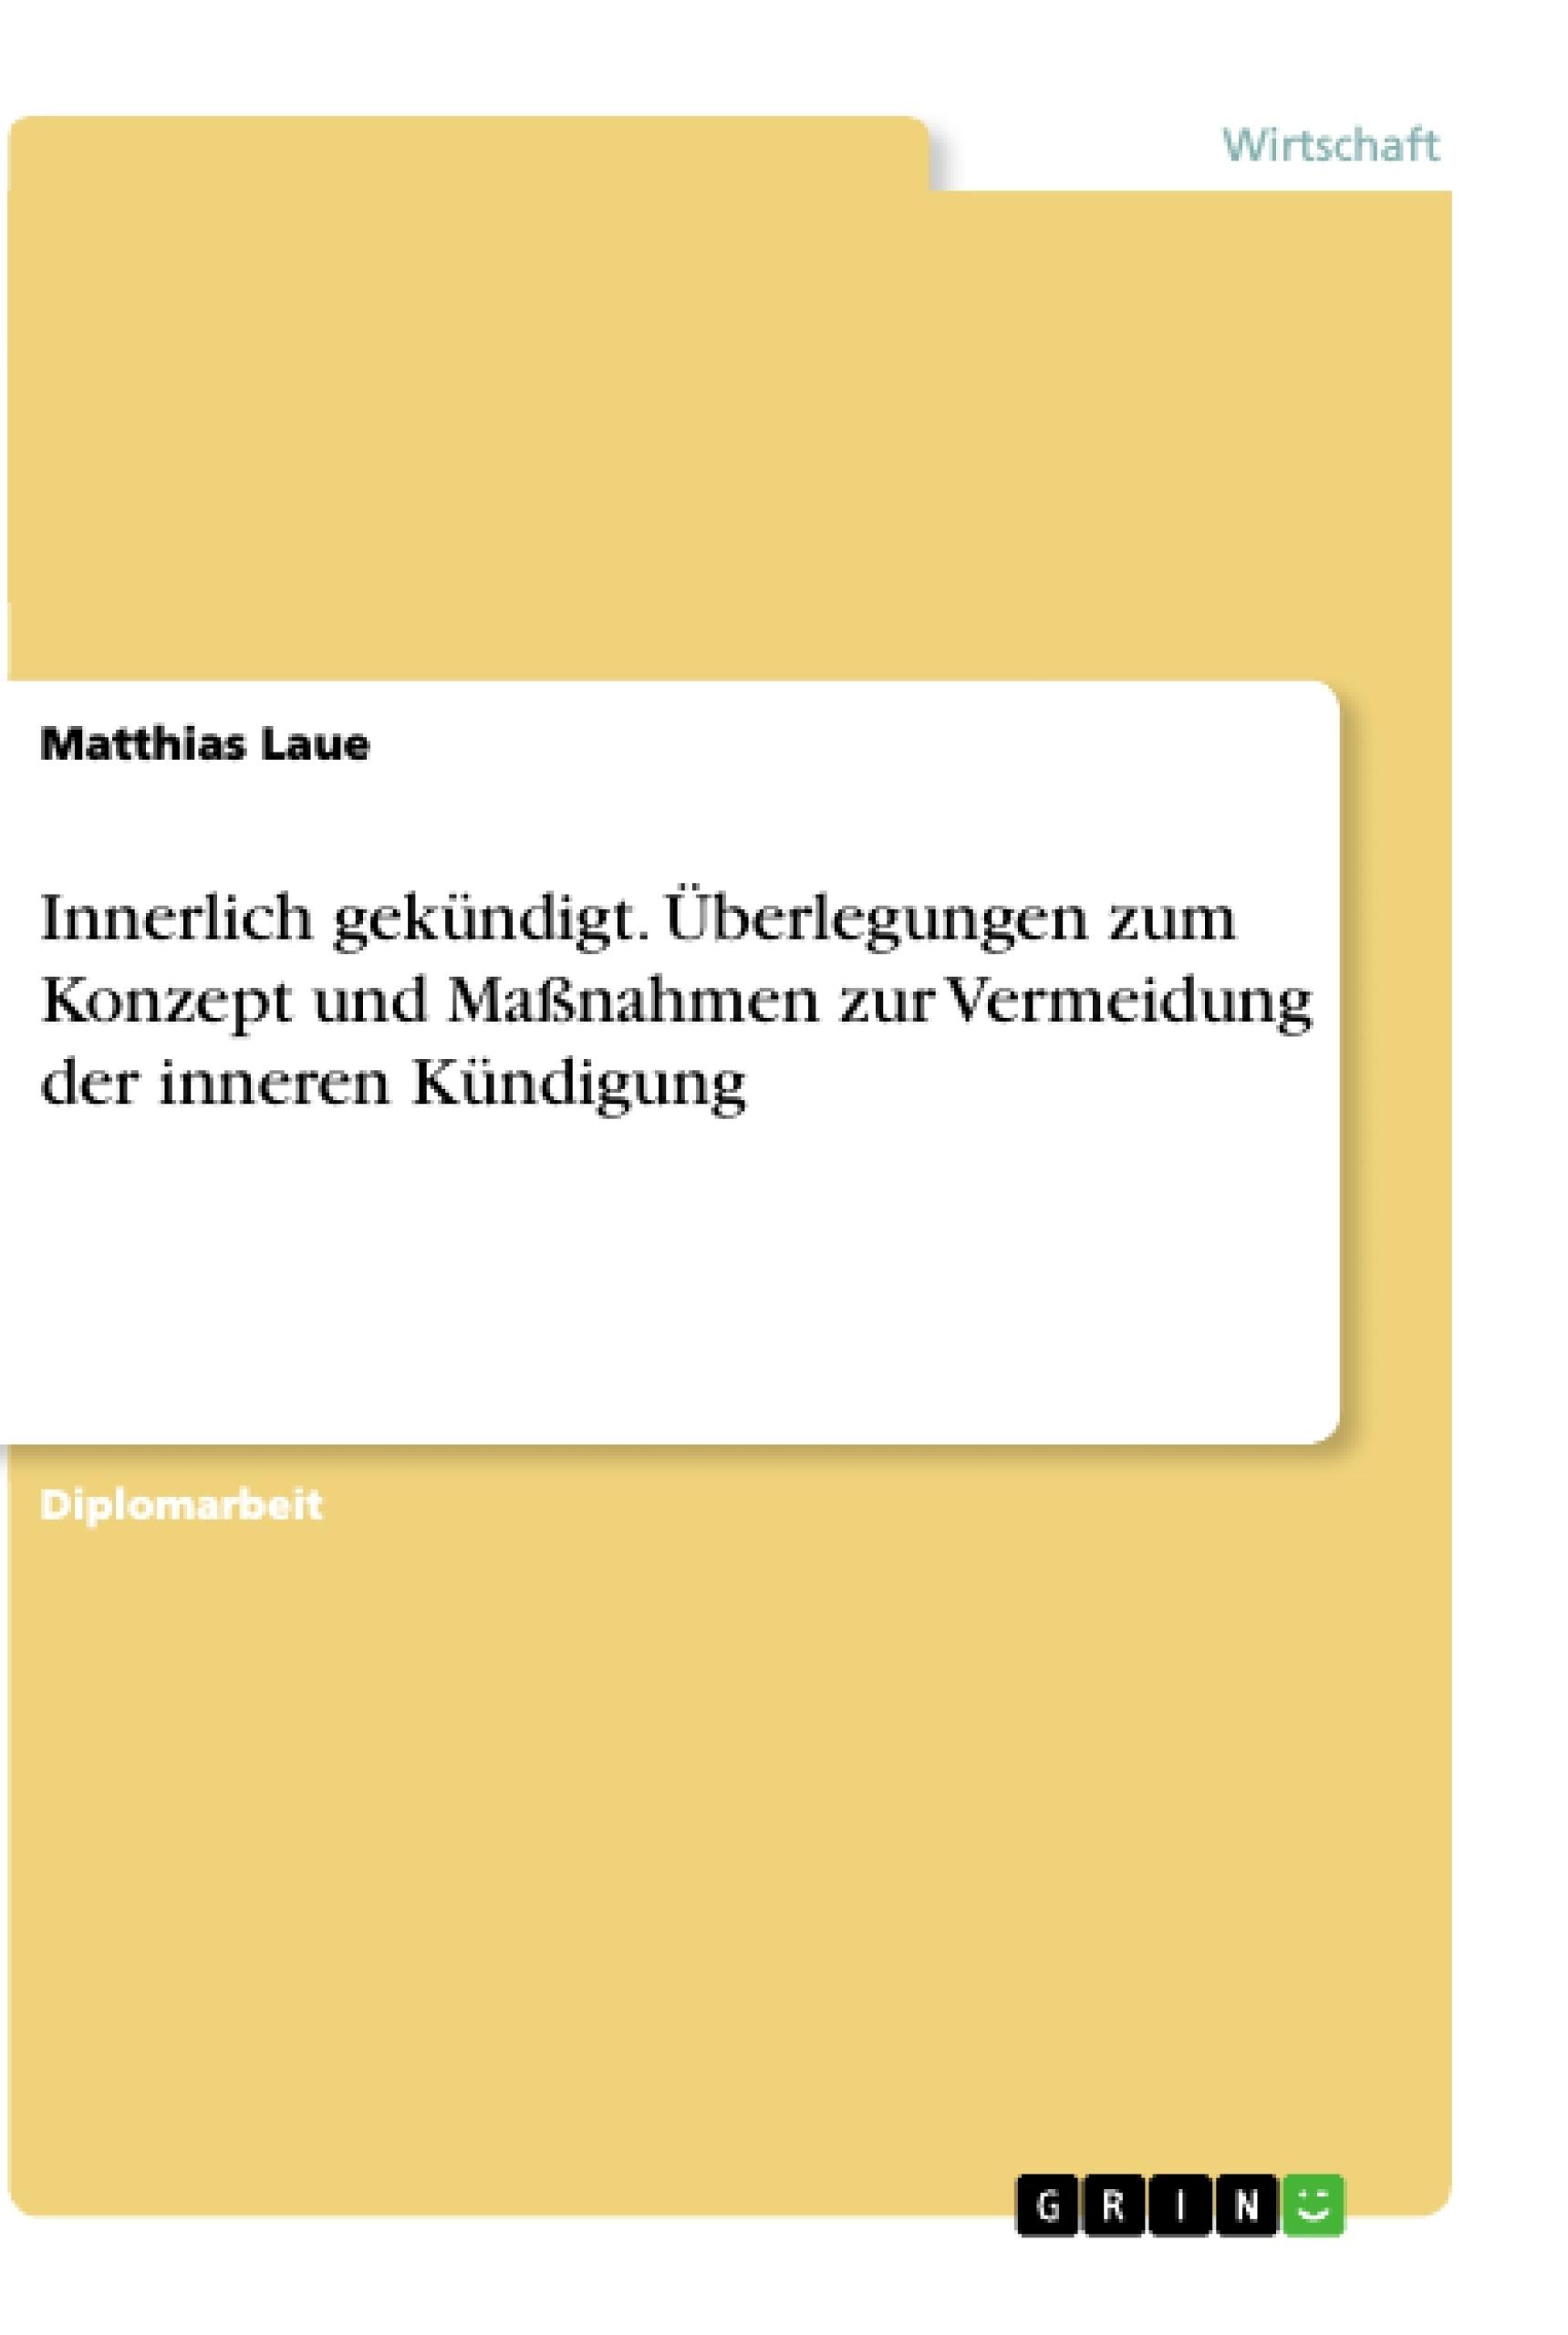 Titel: Innerlich gekündigt. Überlegungen zum Konzept und Maßnahmen zur Vermeidung der inneren Kündigung